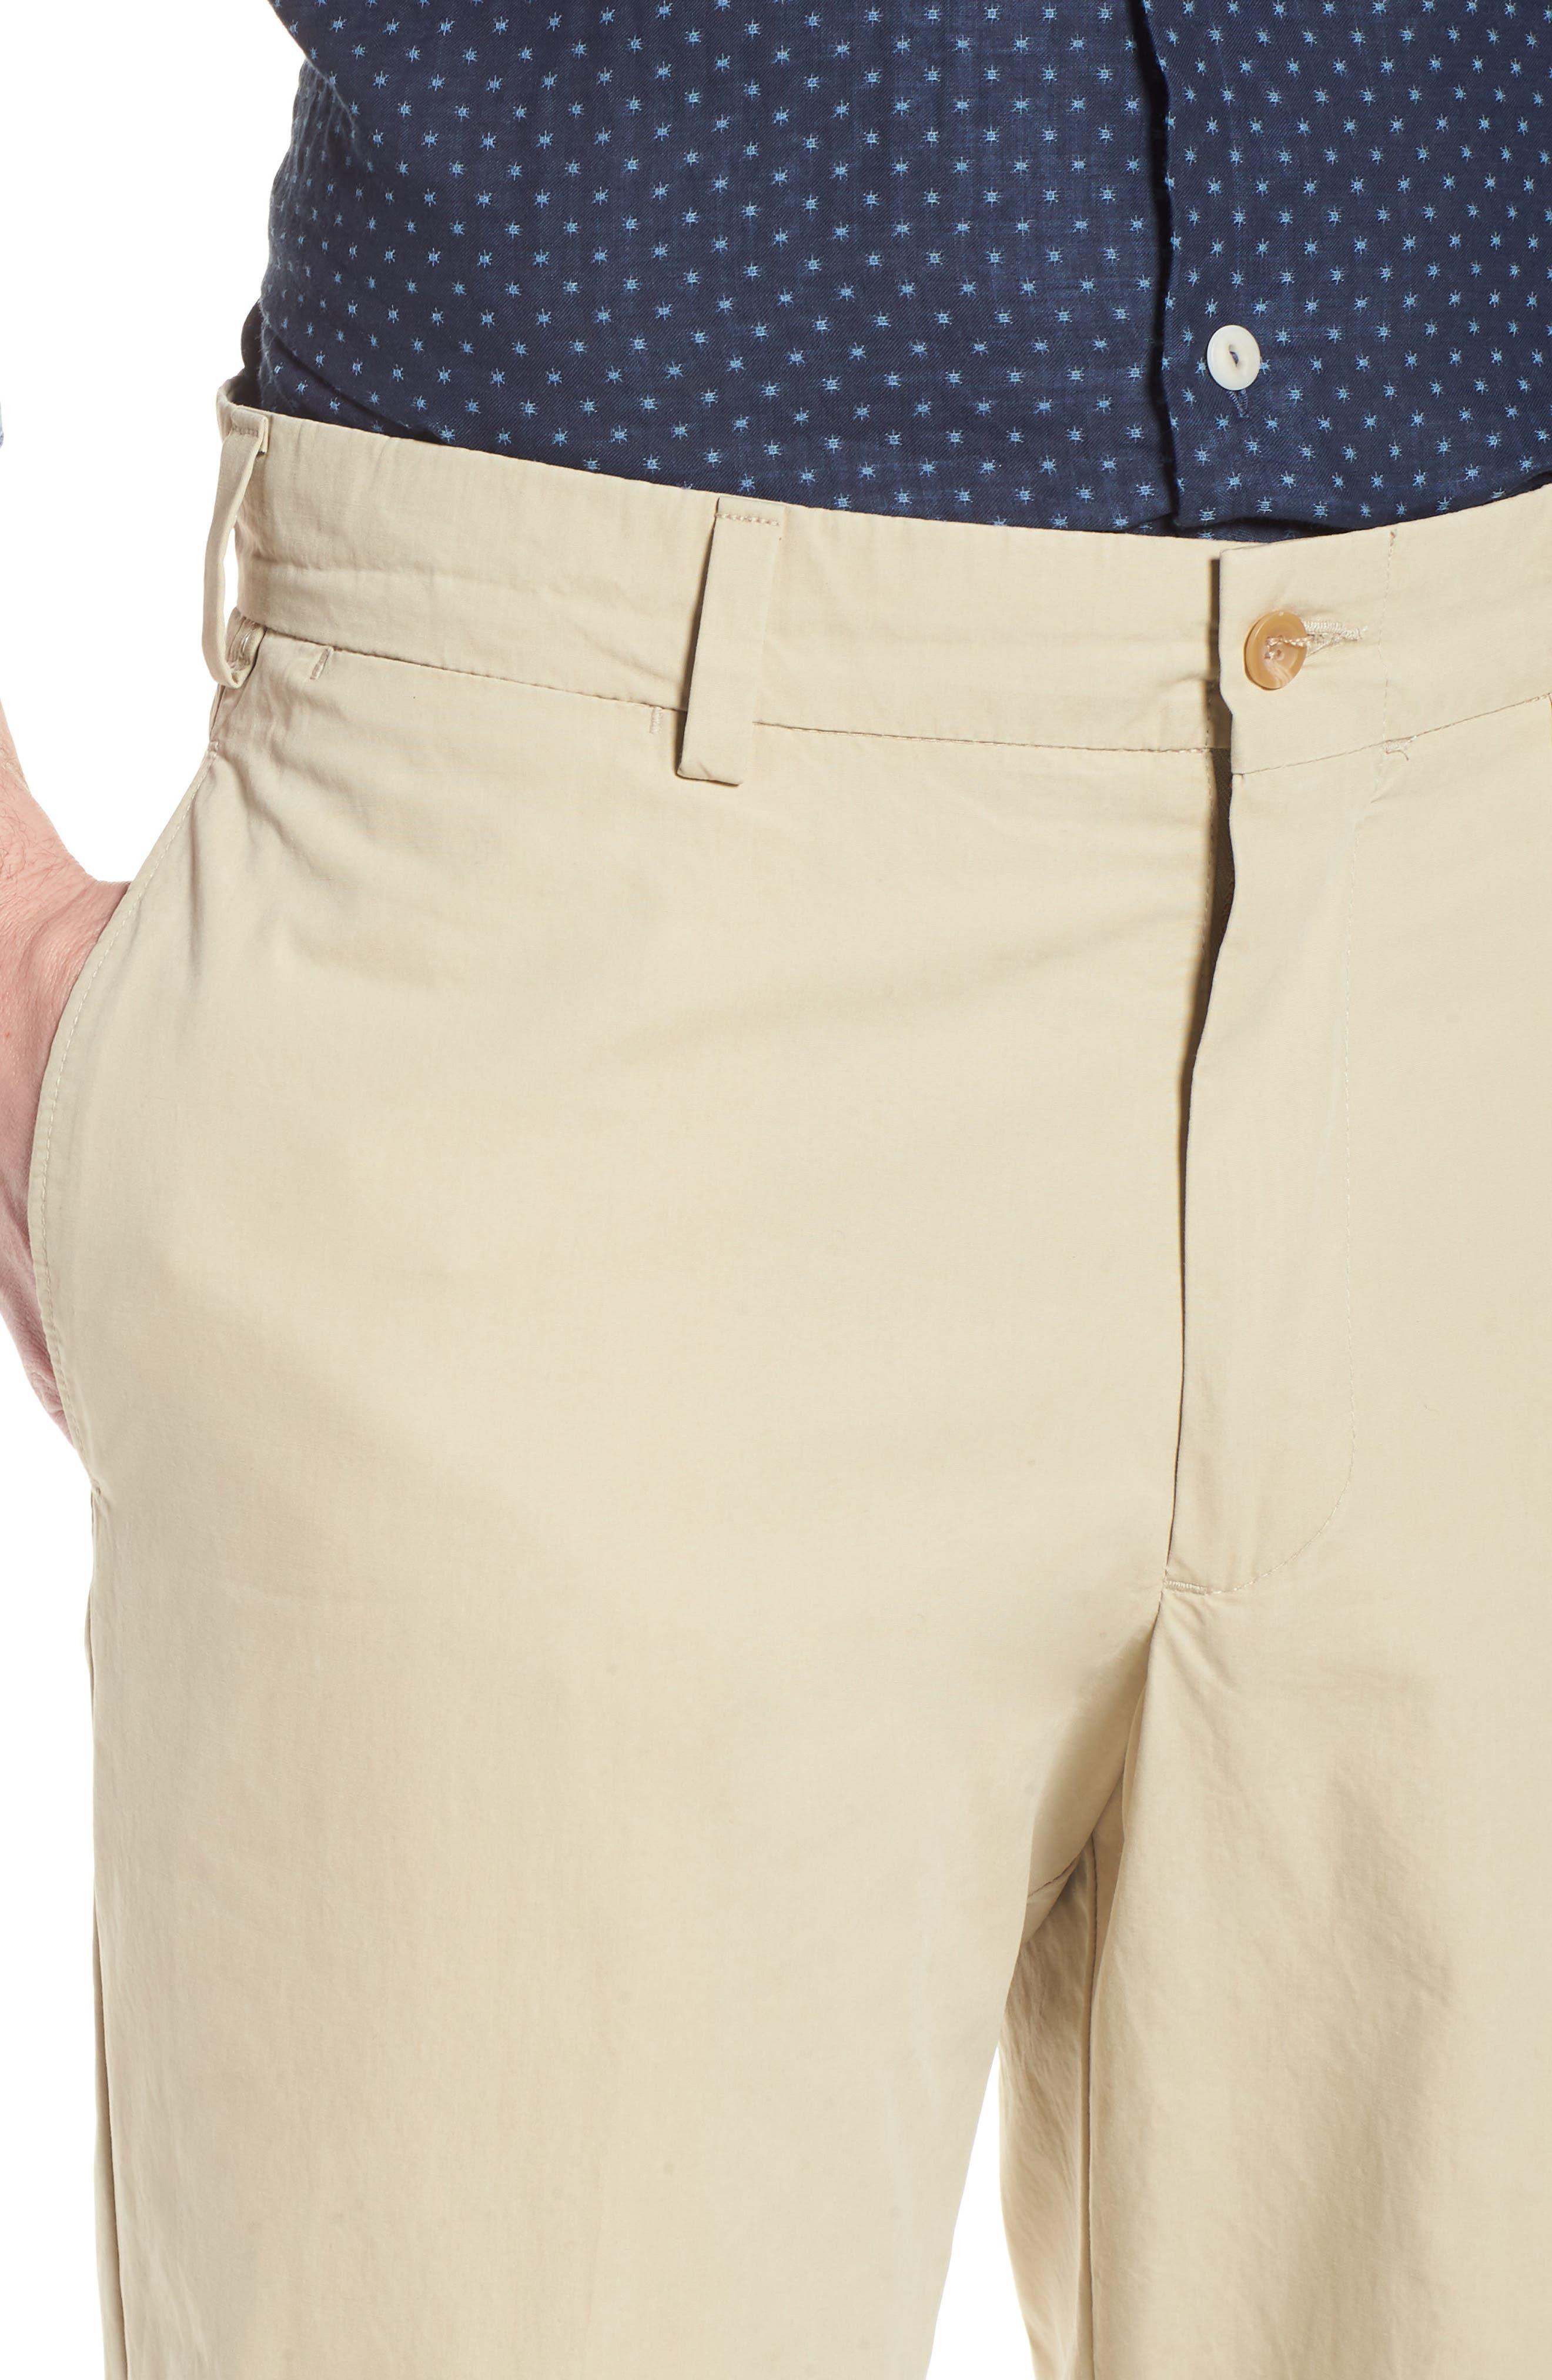 M2 Classic Fit Flat Front Tropical Cotton Poplin Pants,                             Alternate thumbnail 4, color,                             250